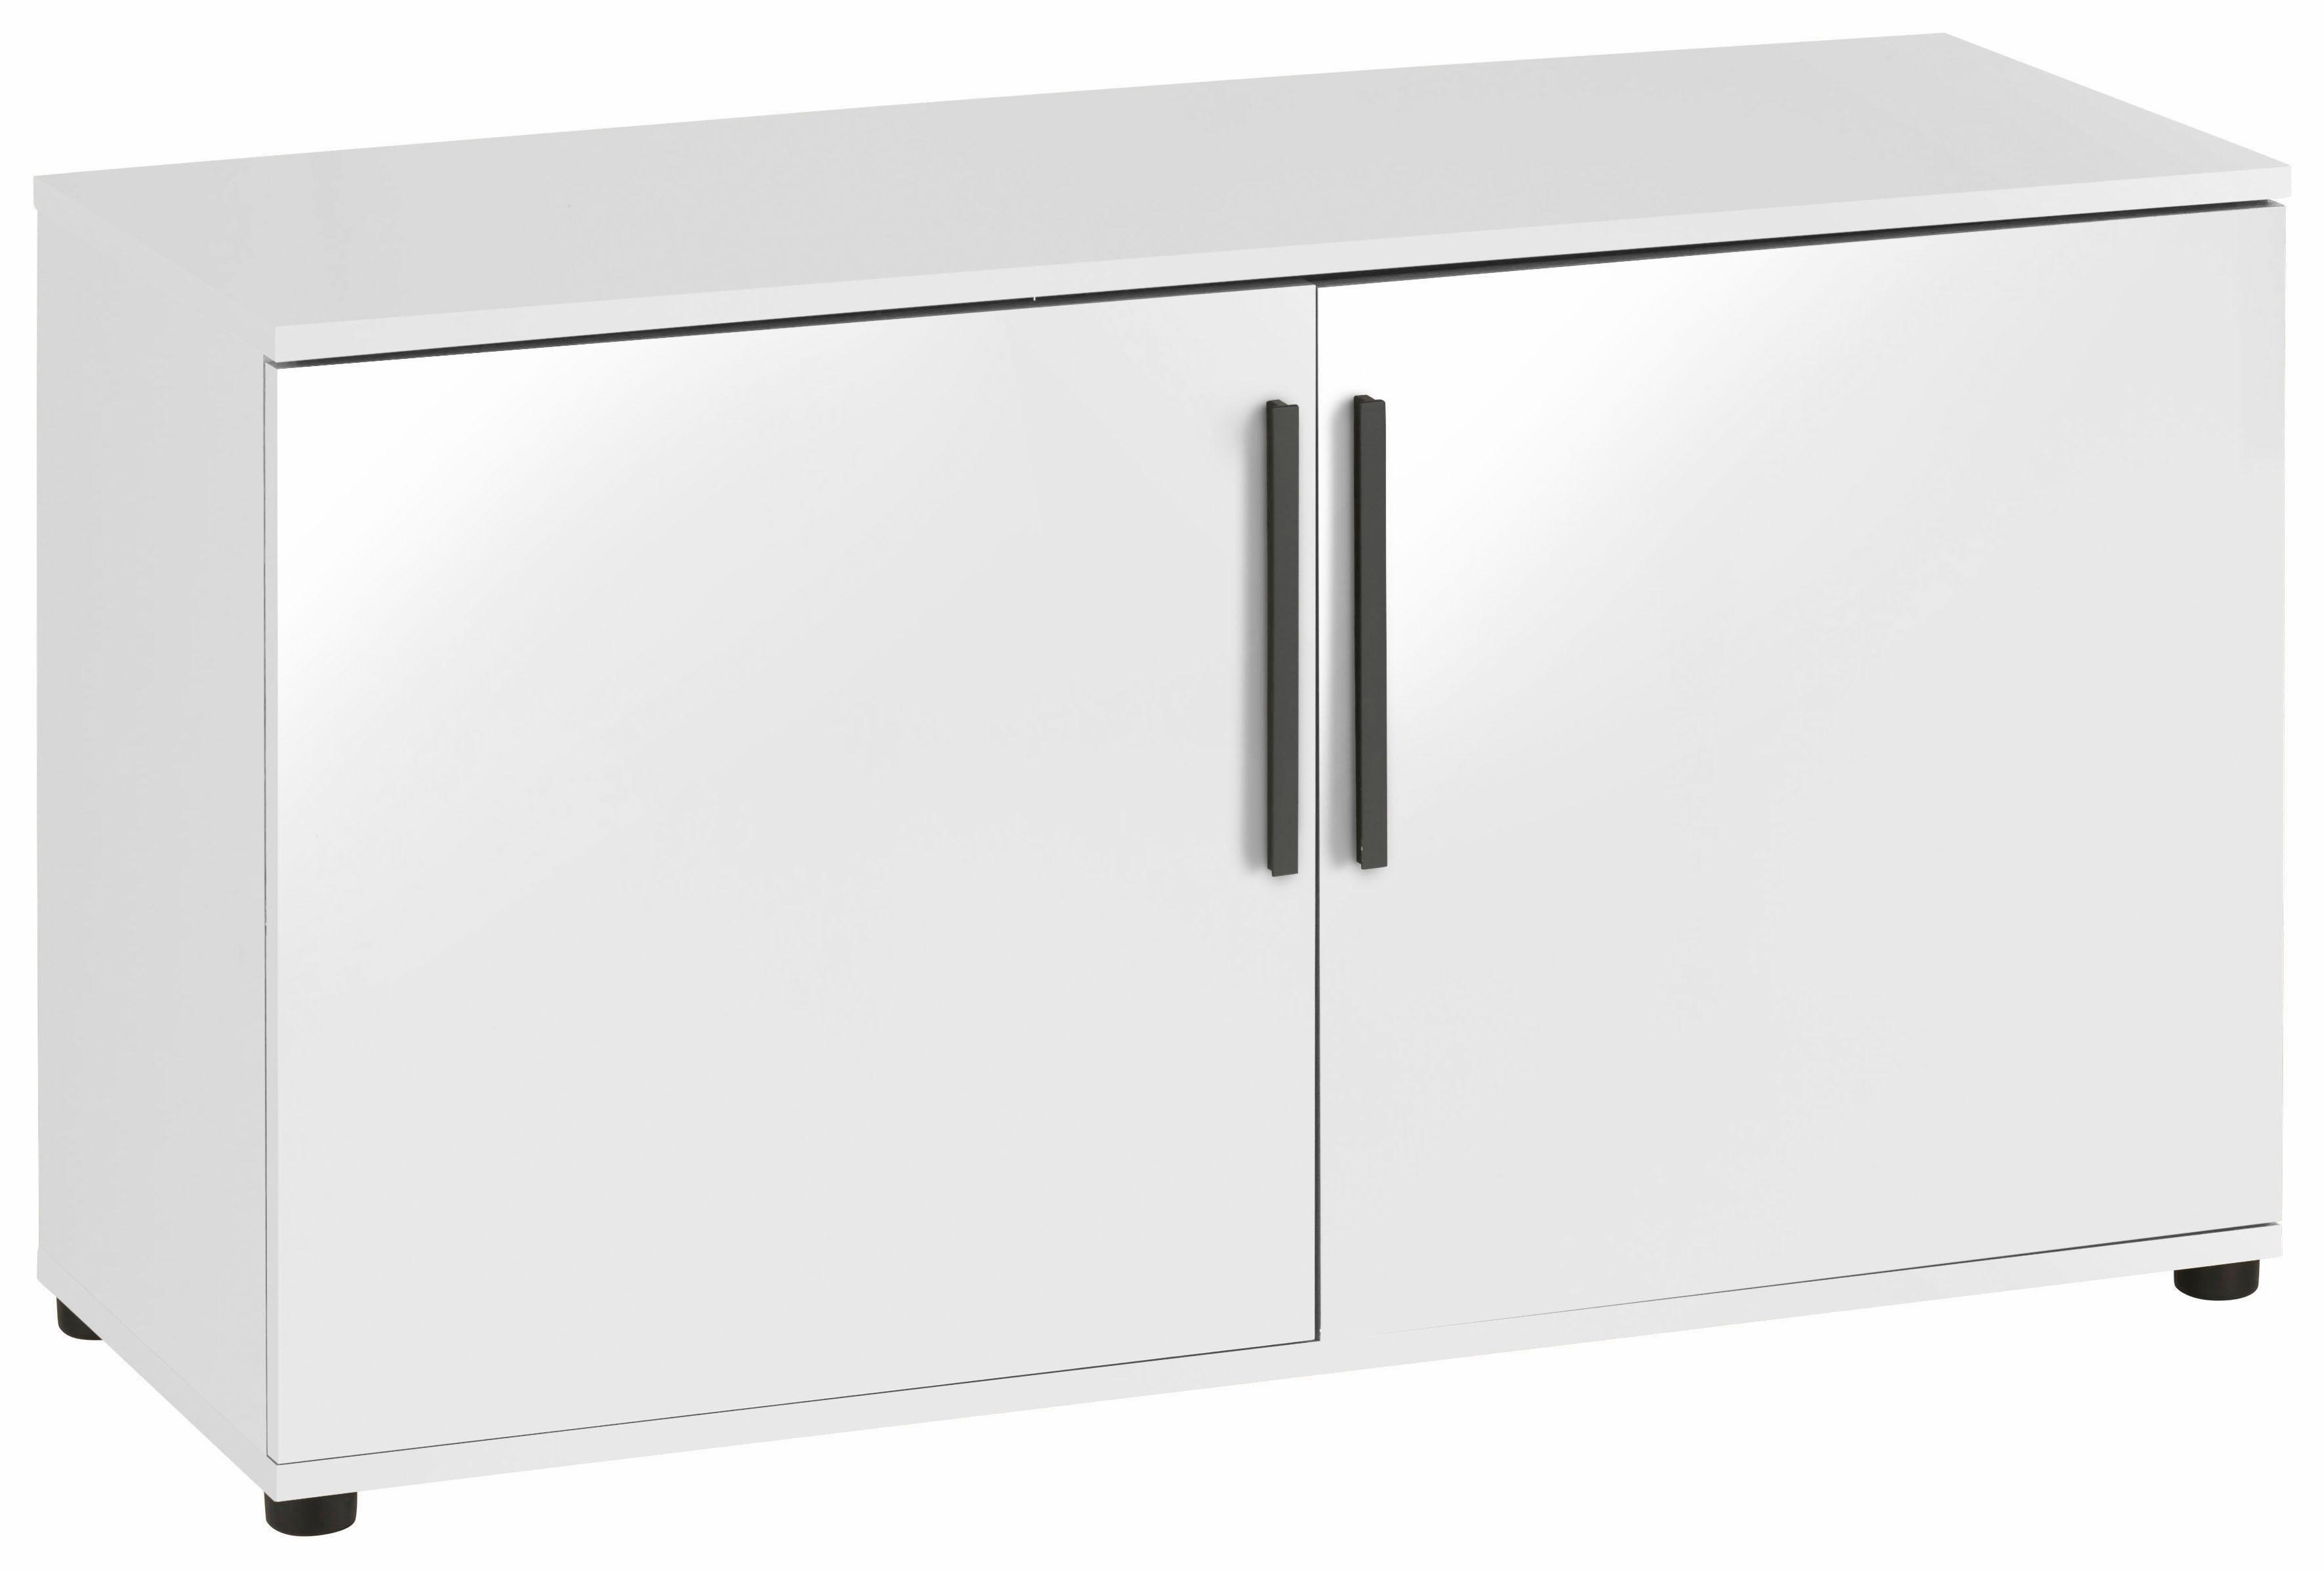 Kommode »Akron«, Breite 95 cm | Wohnzimmer > Schränke > Kommoden | Anthrazit - Weiß - Glanz